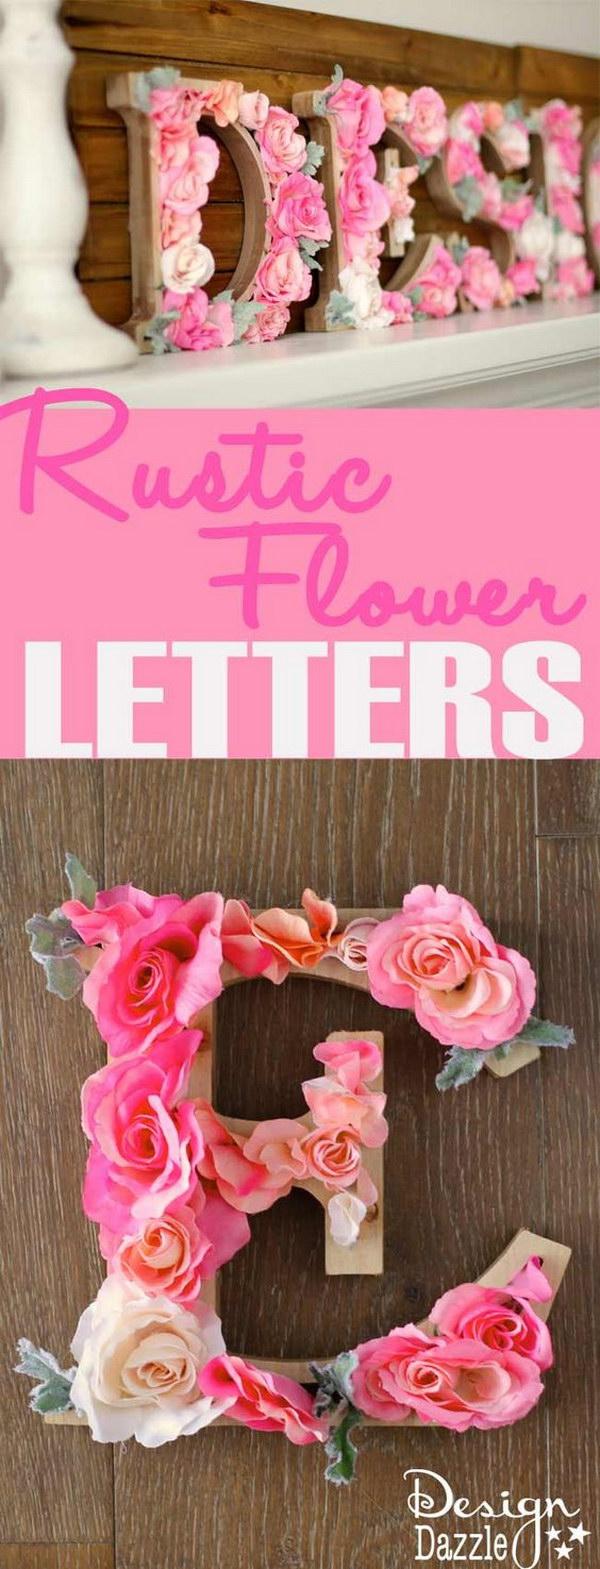 Rustic Flower Letters Tutorial